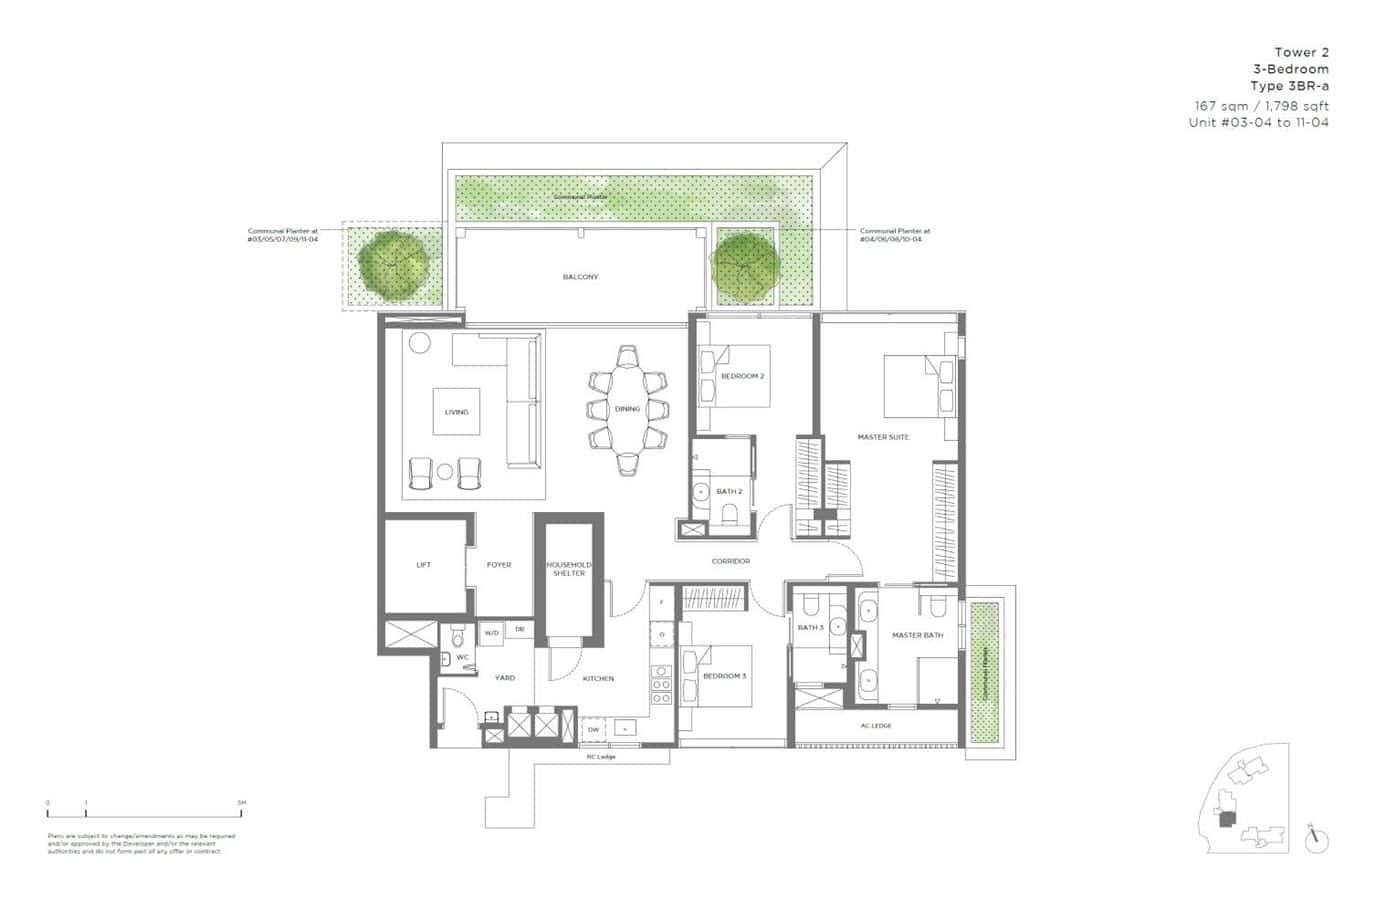 15 Holland Hill - Floor Plan - 3 Bedroom 3BR-a